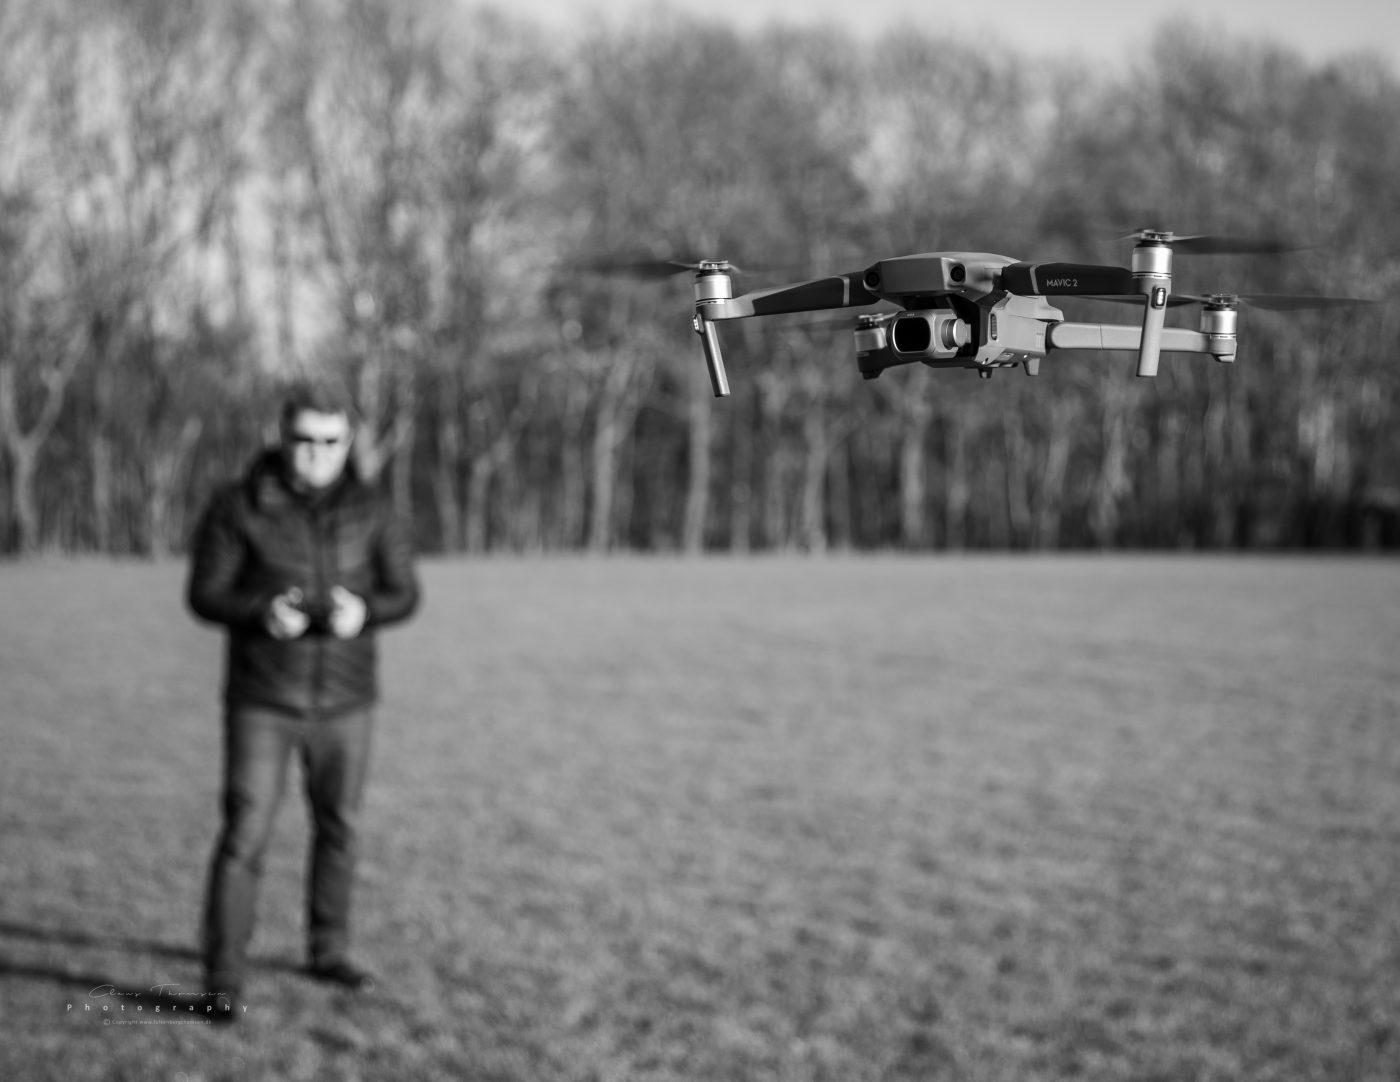 Dronefører Claus Falkenberg Thomsen